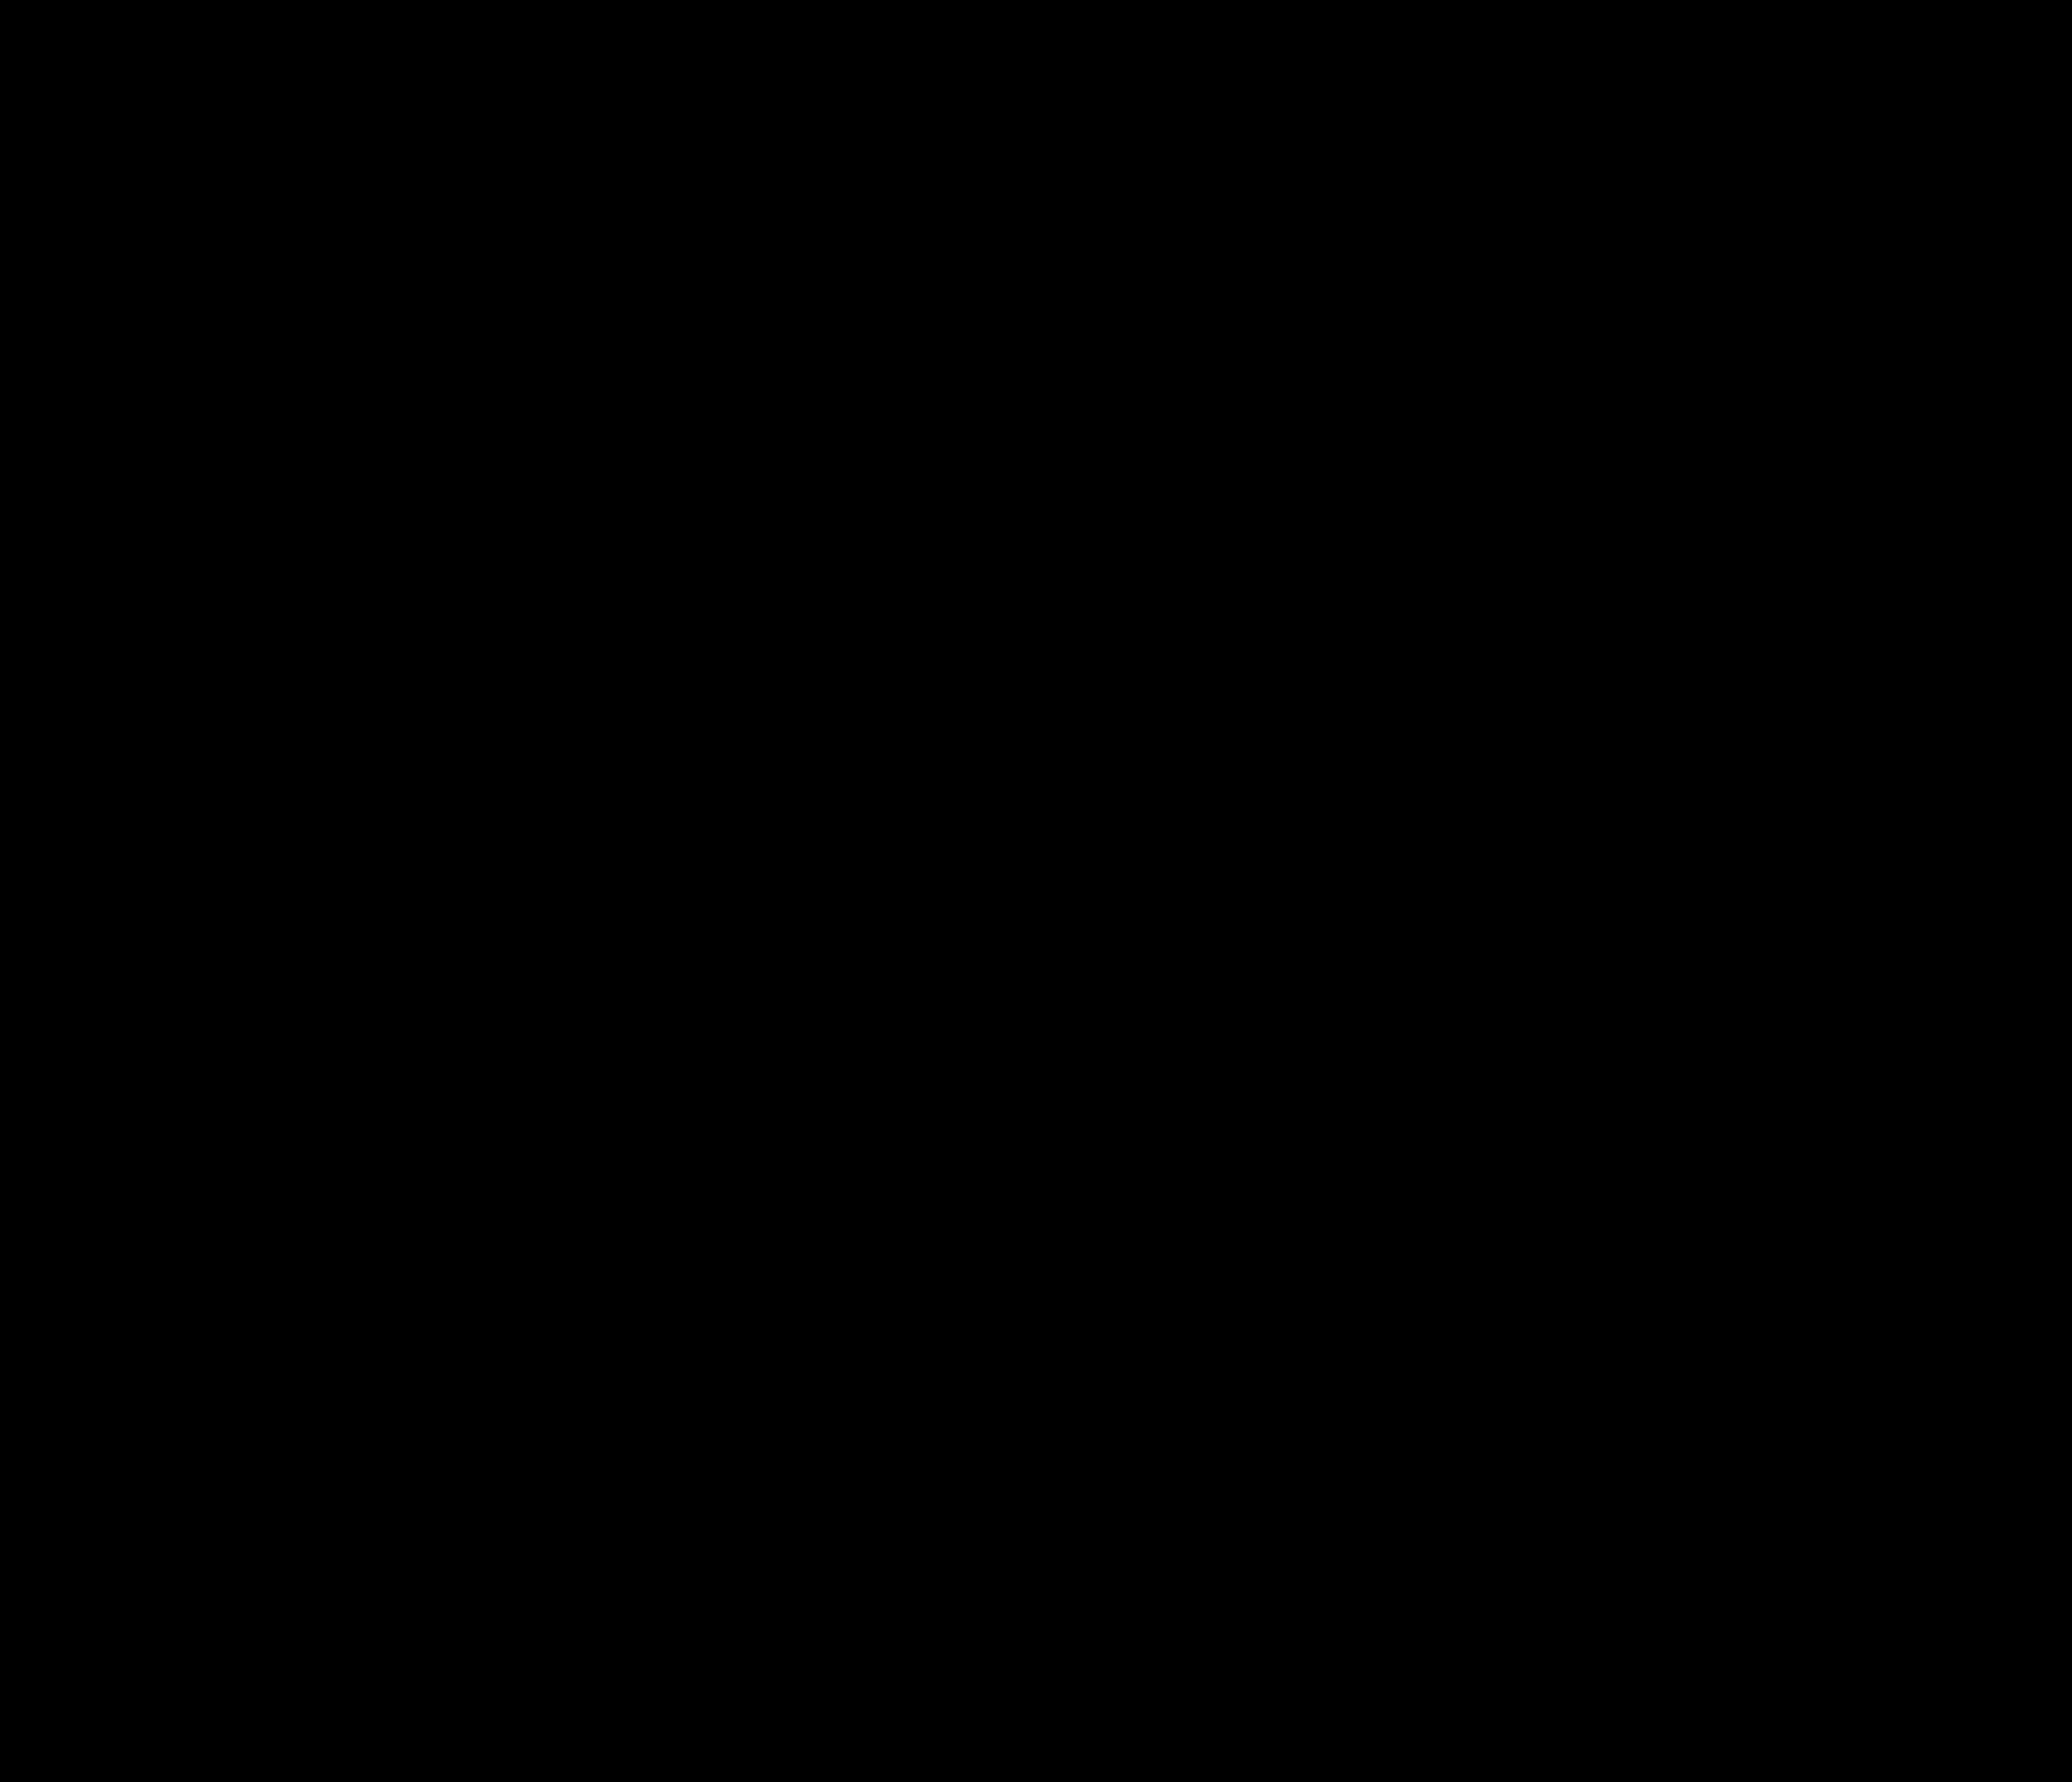 Mitsubishi Eclipse 2016 >> Mitsubishi – Logos Download